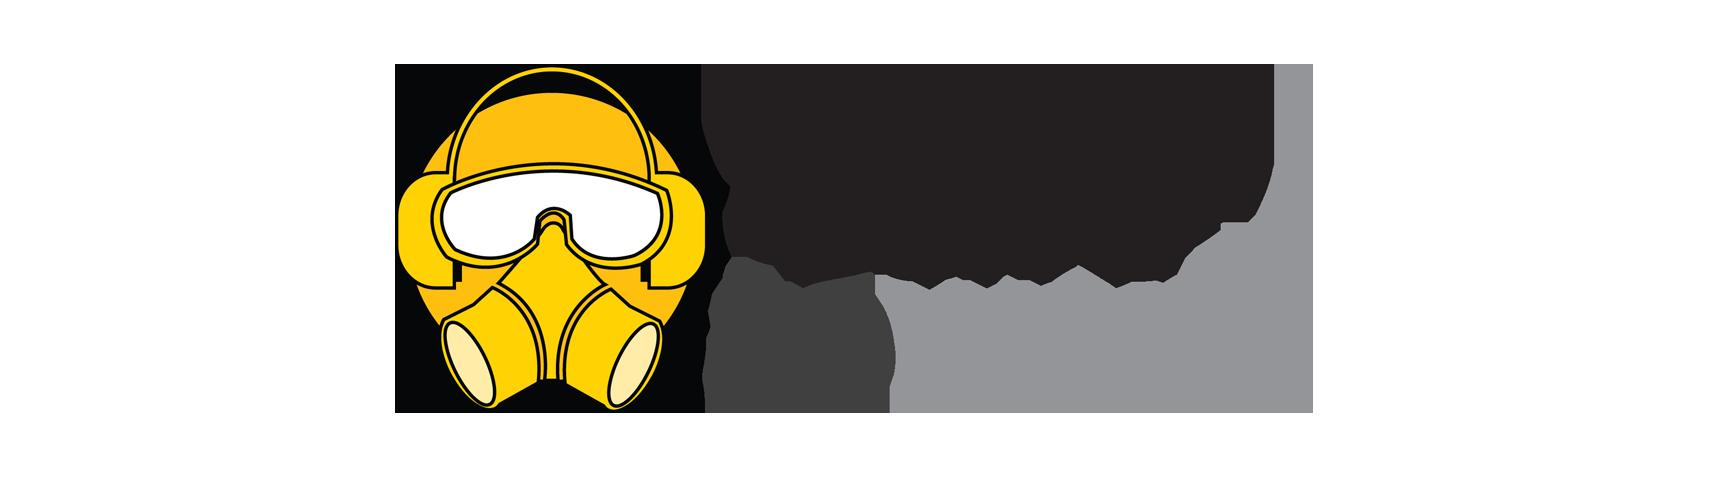 SafetoWork_1710